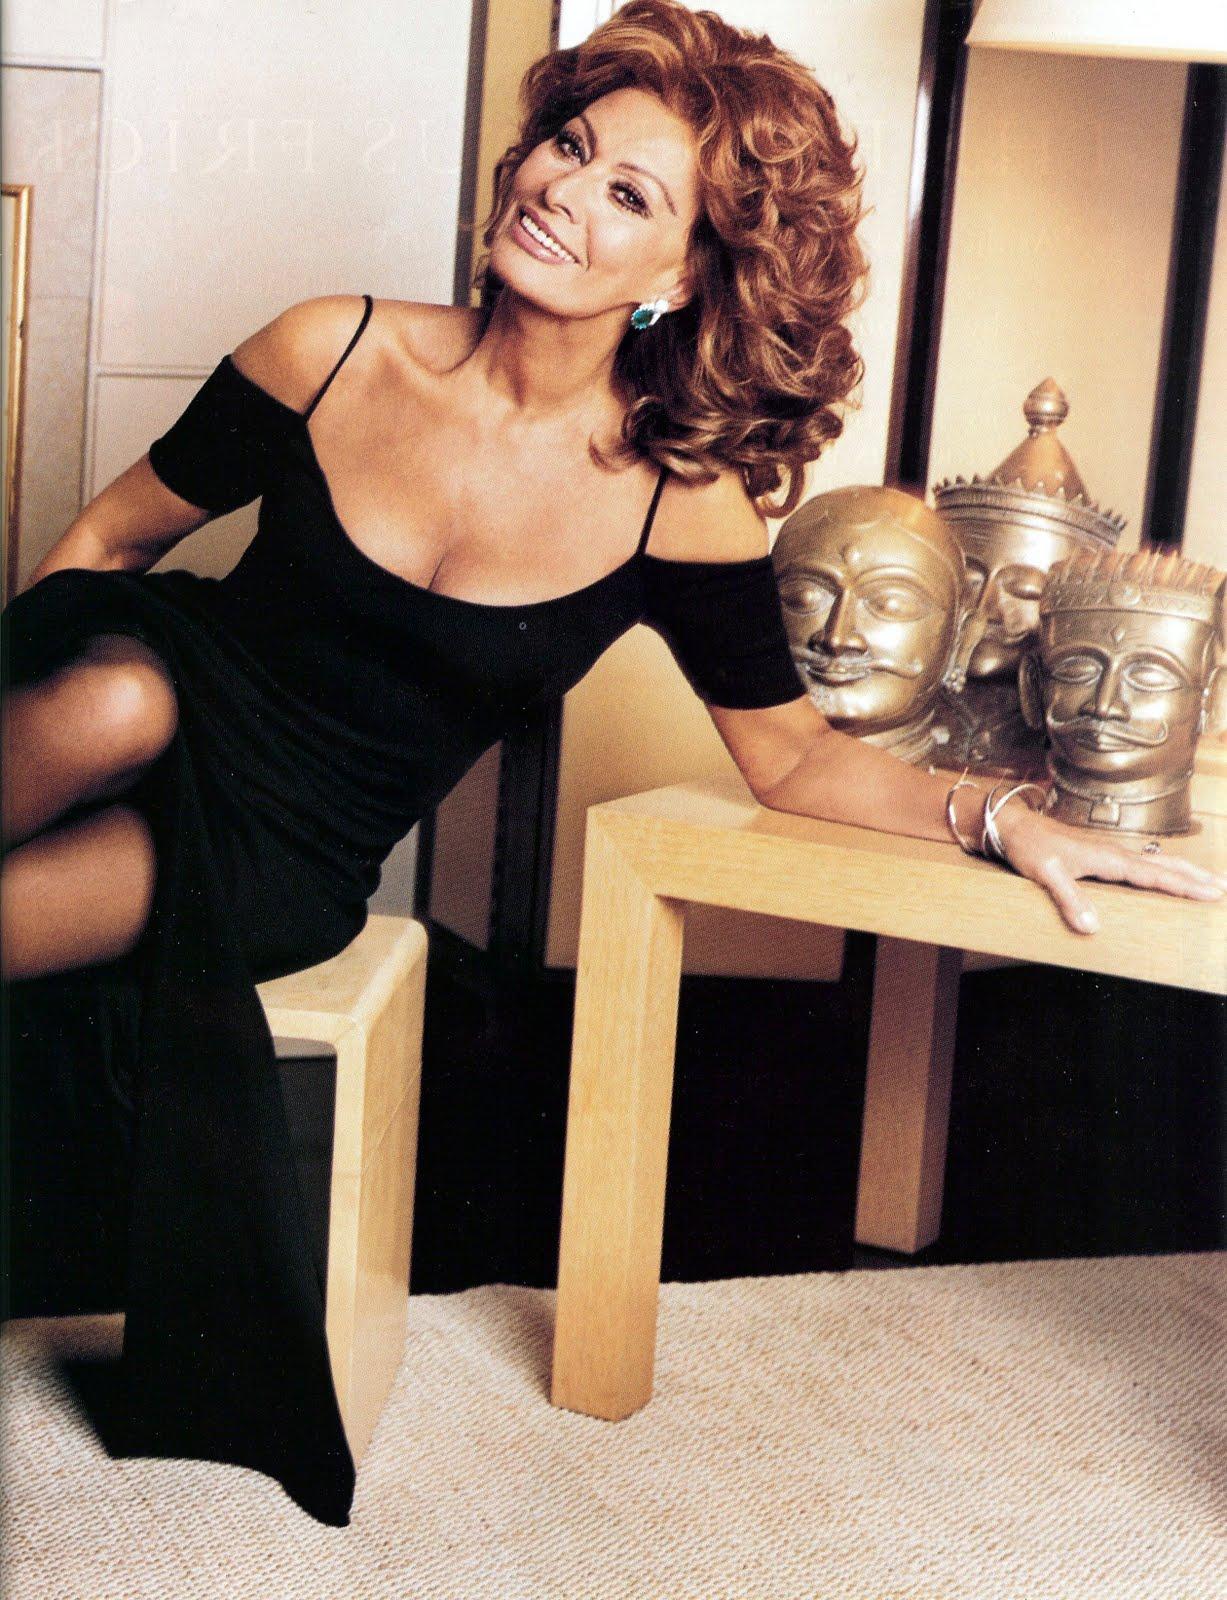 http://4.bp.blogspot.com/_SThhOm0qH5E/S-dmXPgu2GI/AAAAAAAABTU/SKNbqLb__CQ/s1600/Sophia+Loren+001.jpg